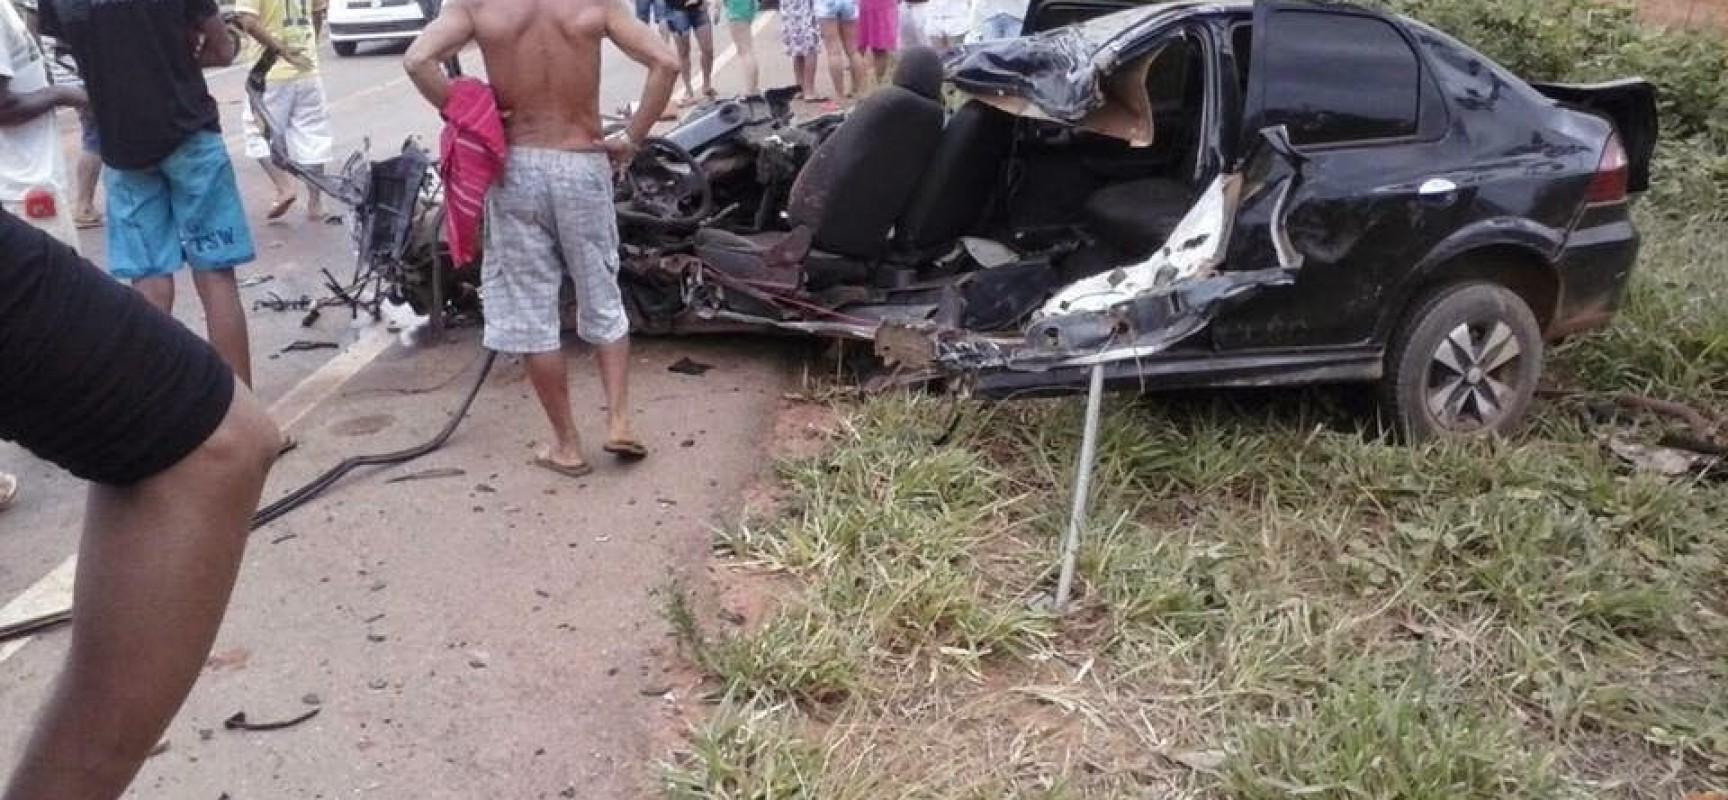 IMAGENS FORTES: JOVEM MORRE EM ACIDENTE GRAVE NA TRANSAMAZÔNICA PRÓXIMO DE ALTAMIRA